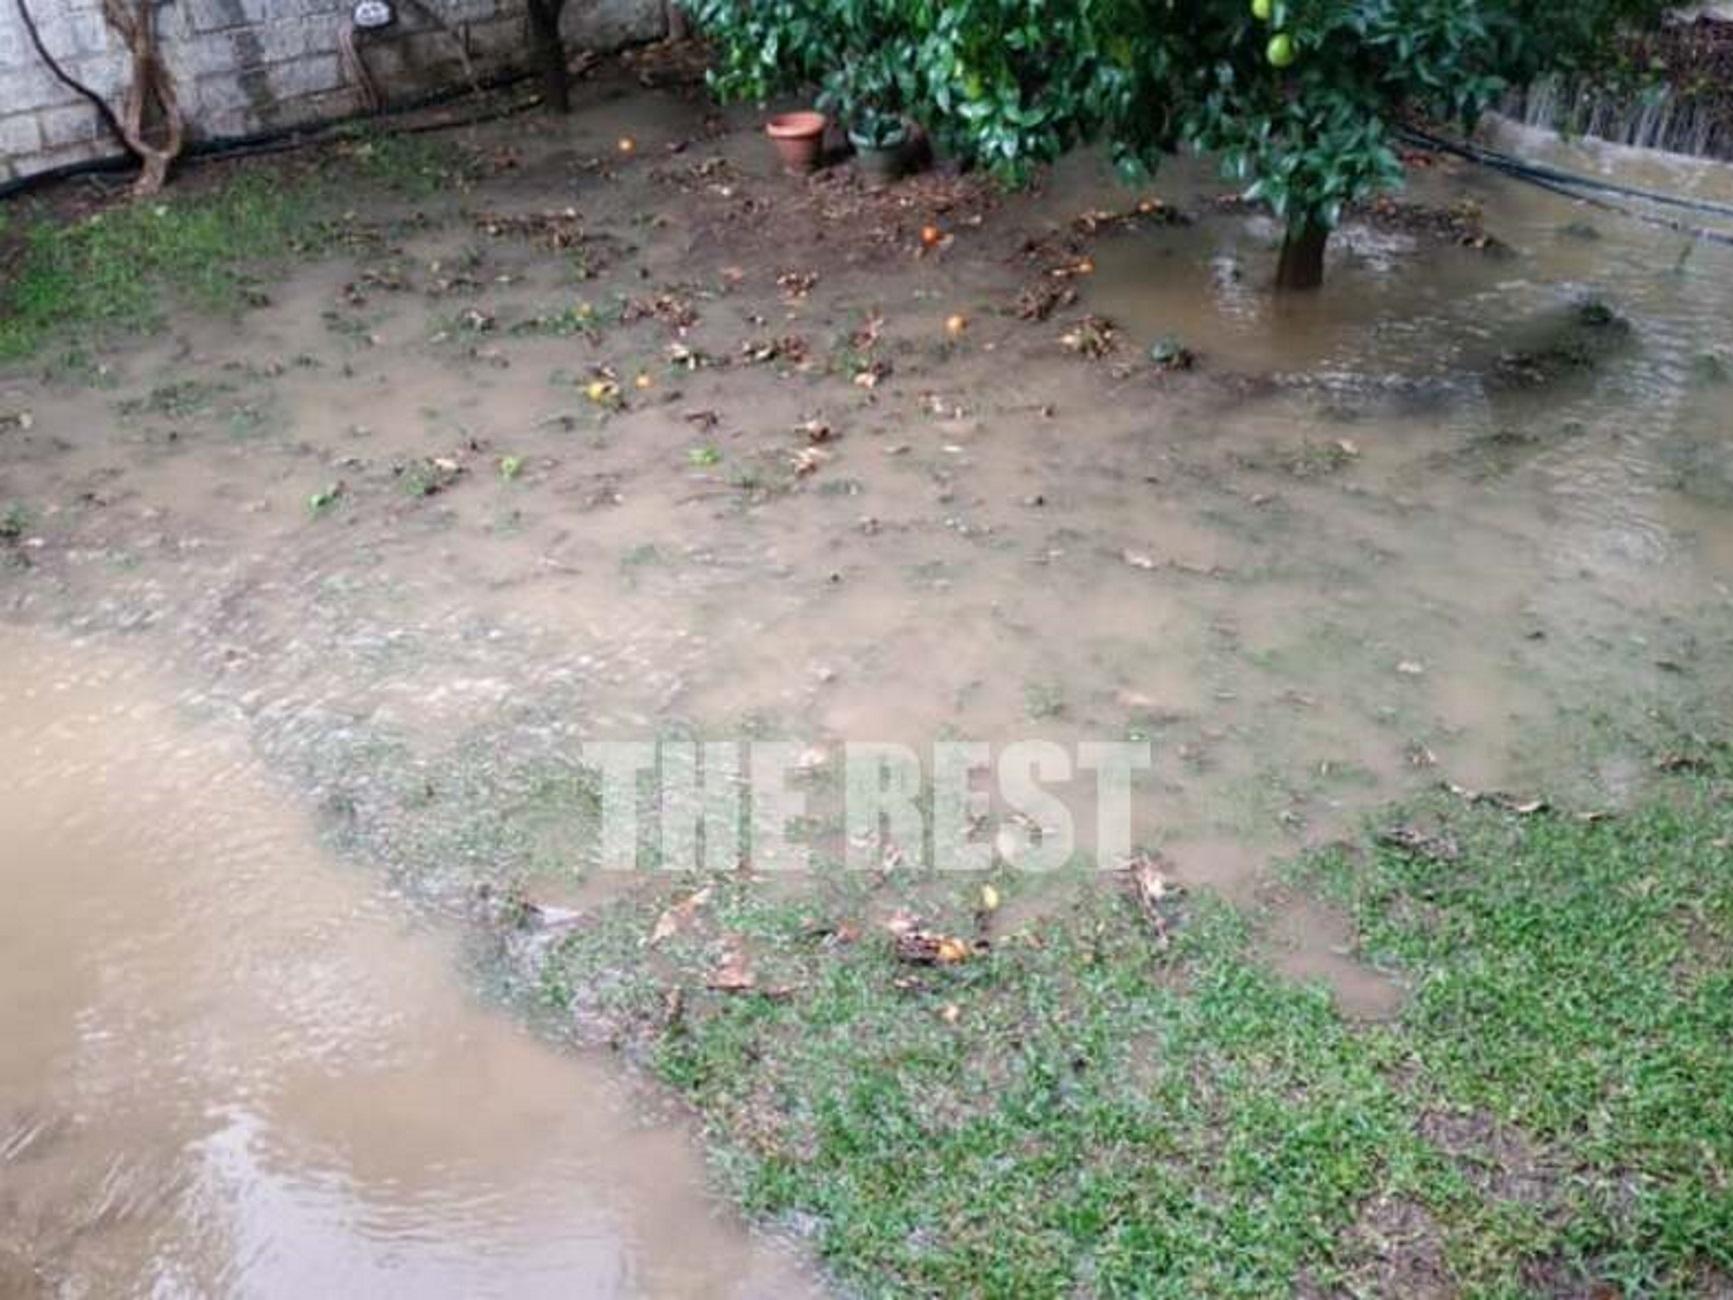 """Πάτρα: Τα παρατημένα έργα έφεραν νέες πλημμύρες! """"Τρέμουμε κάθε φορά που βρέχει"""" (Φωτό και βίντεο)"""